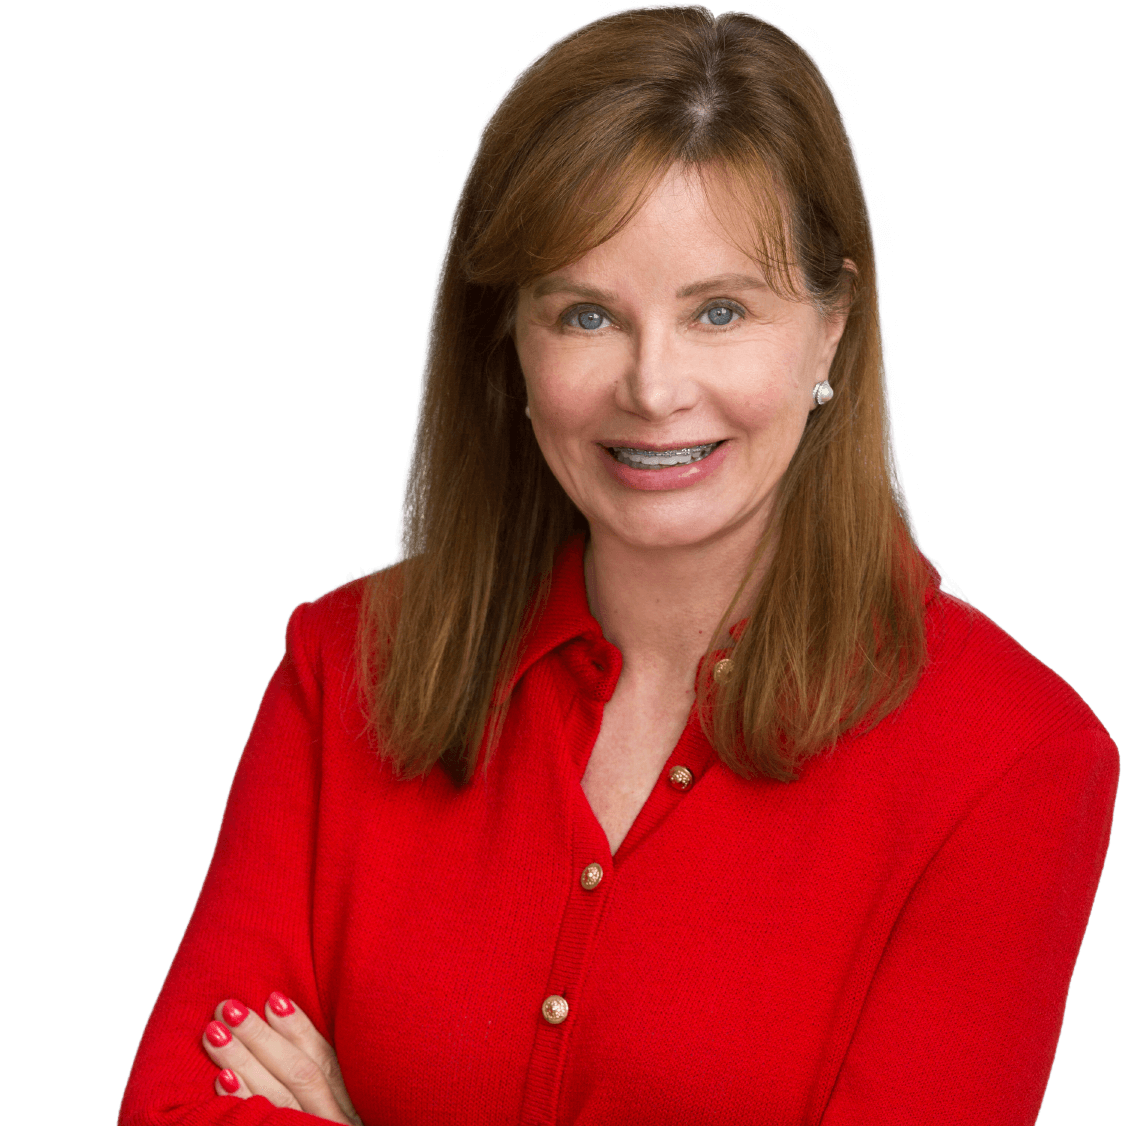 Cindy D. Brittain